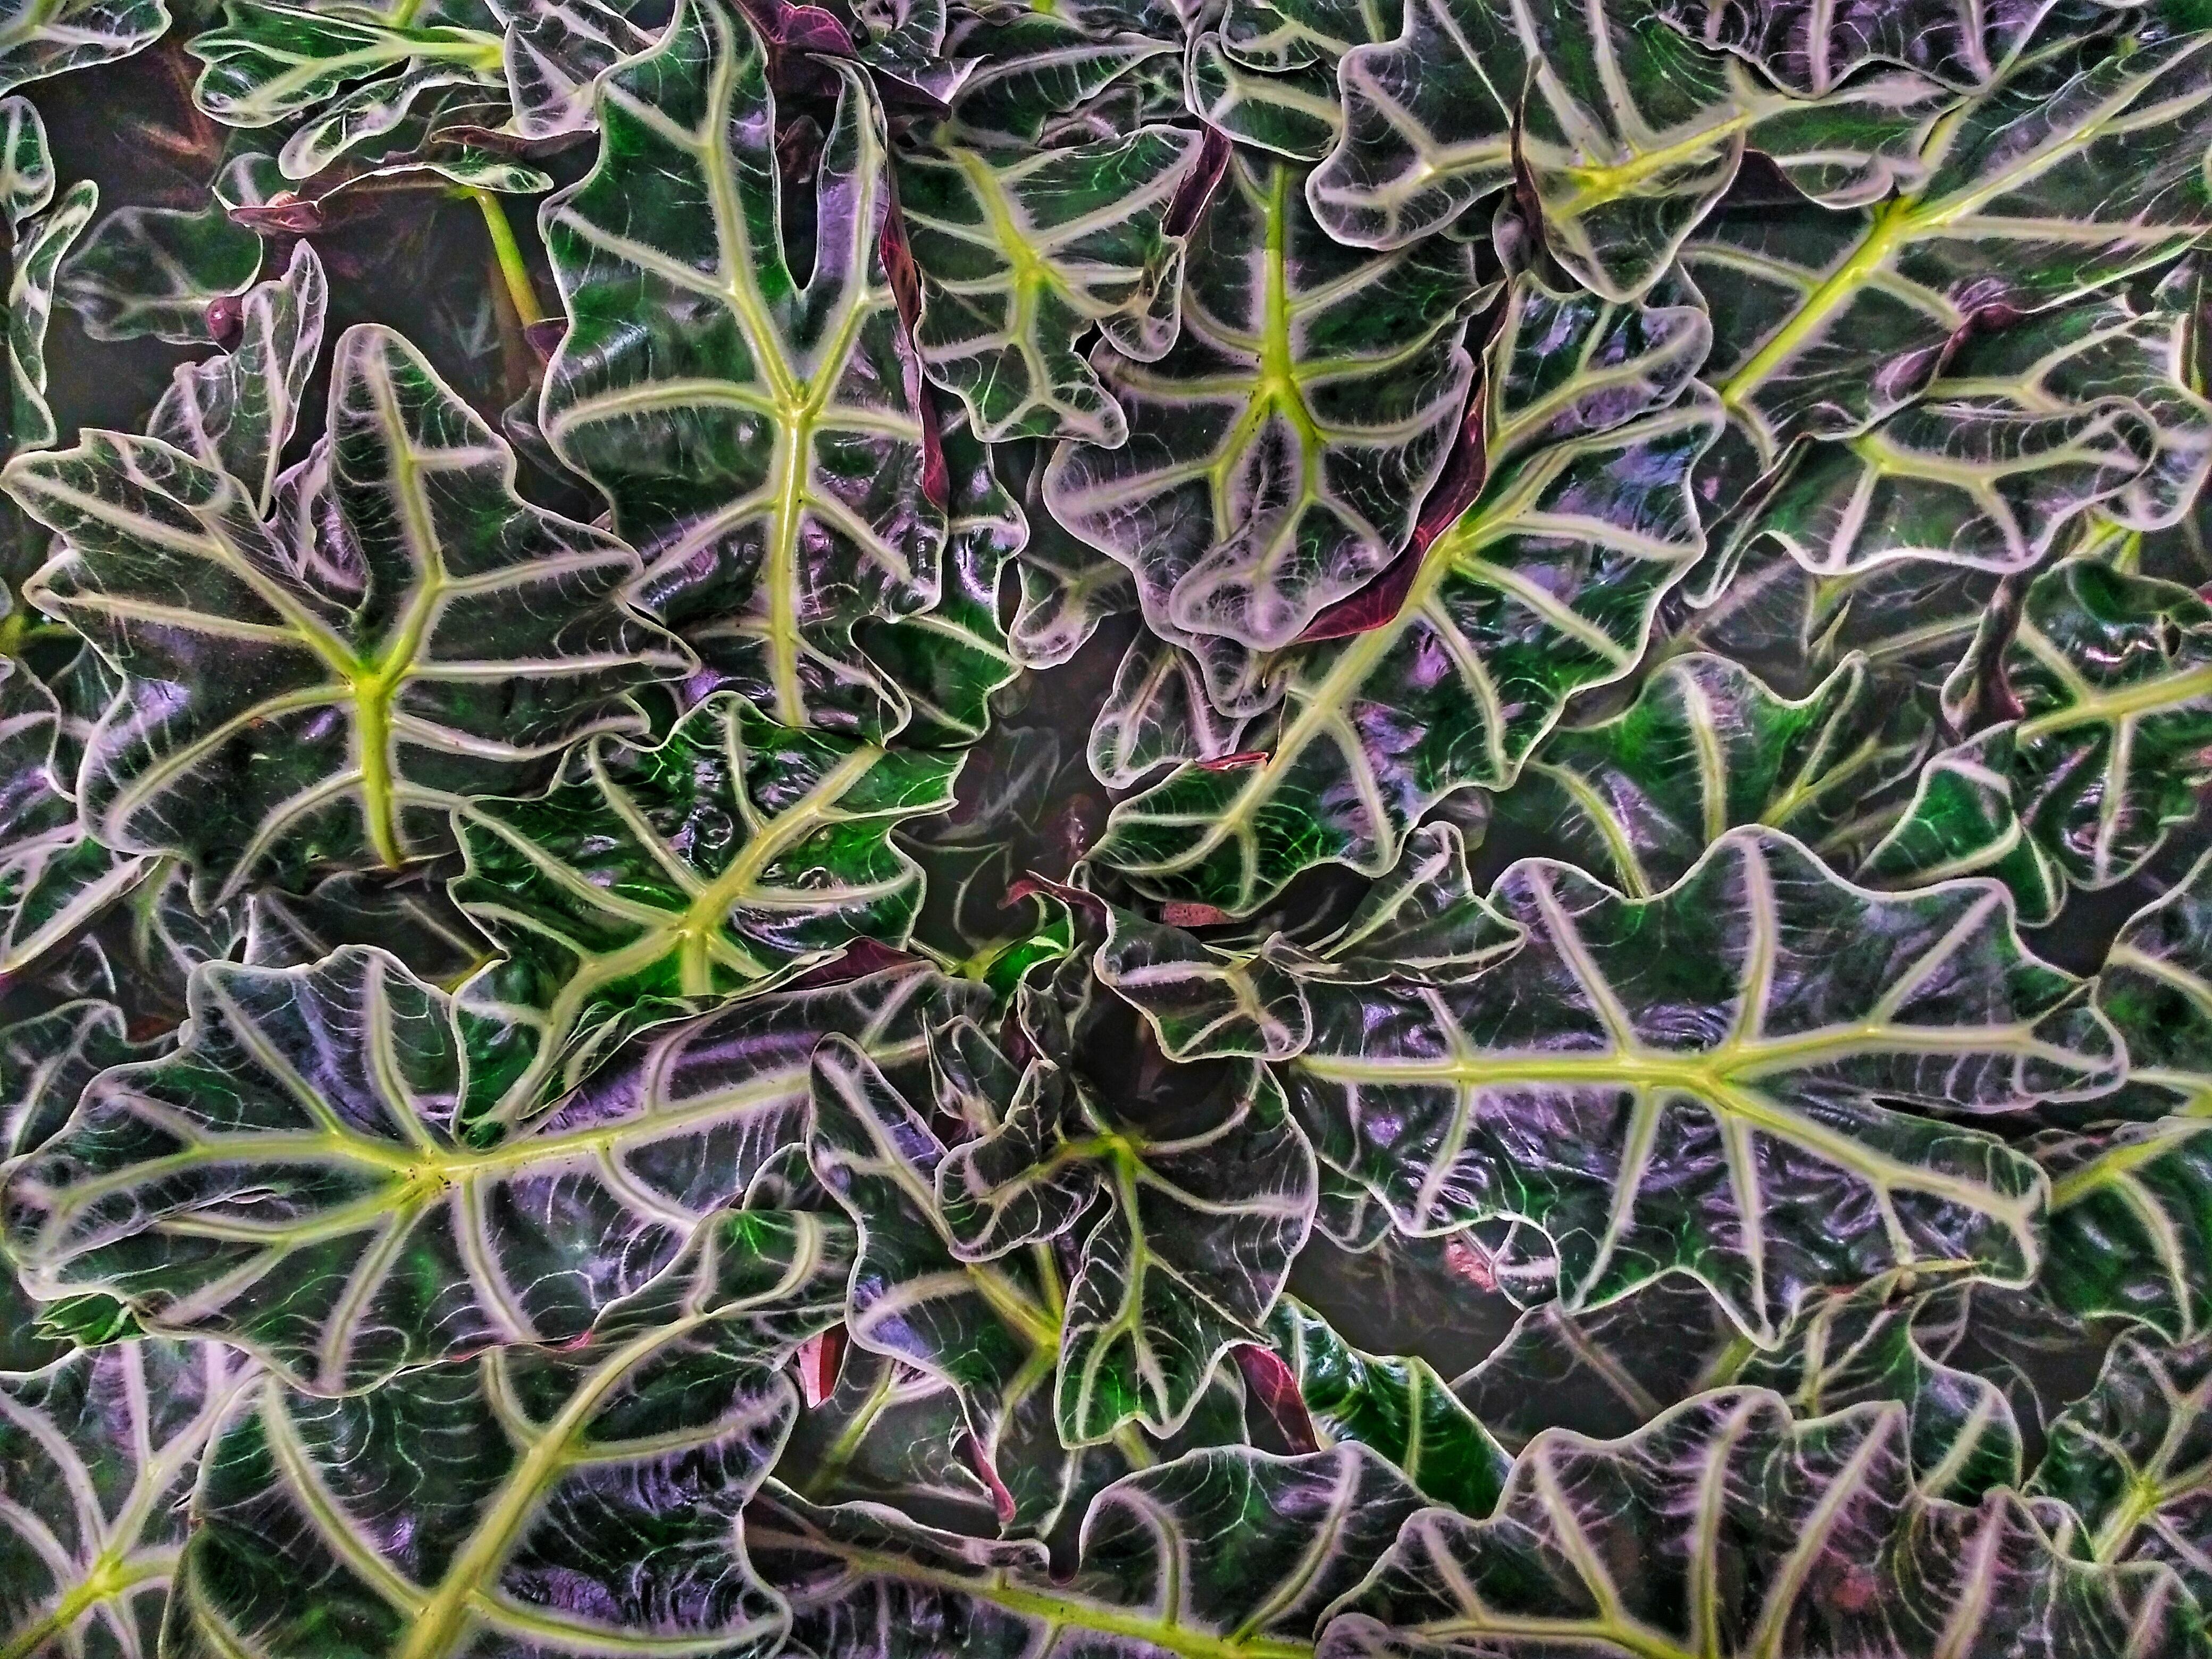 Plantes avec nervures très voyantes